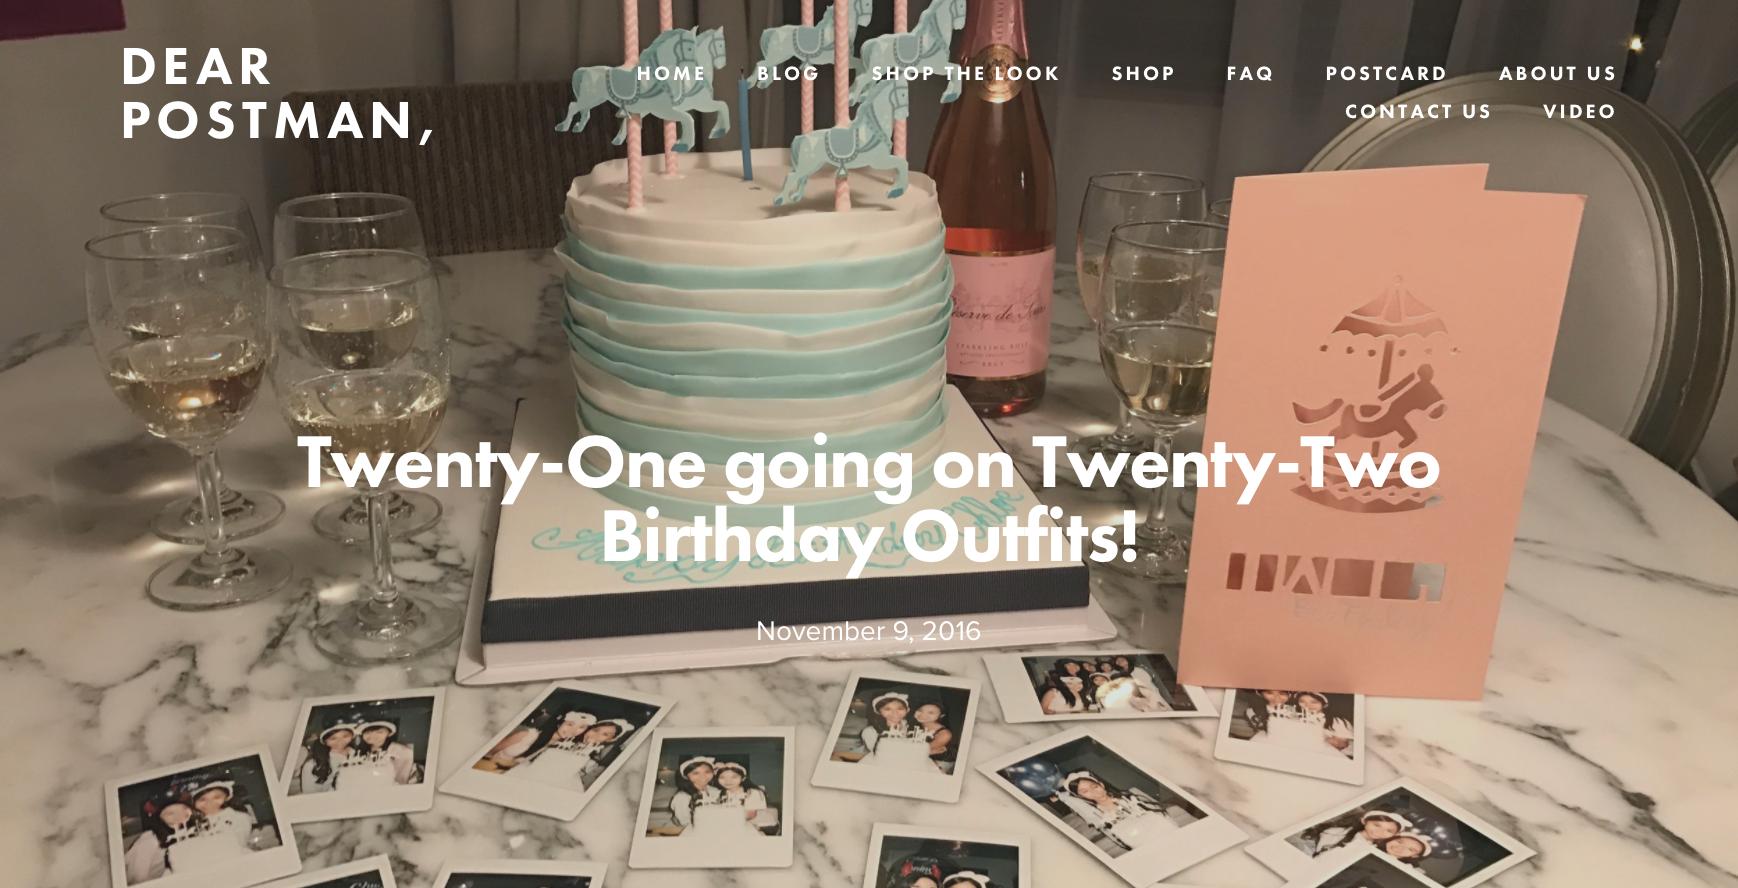 Twenty-One going on Twenty-Two Birthday Outfits!